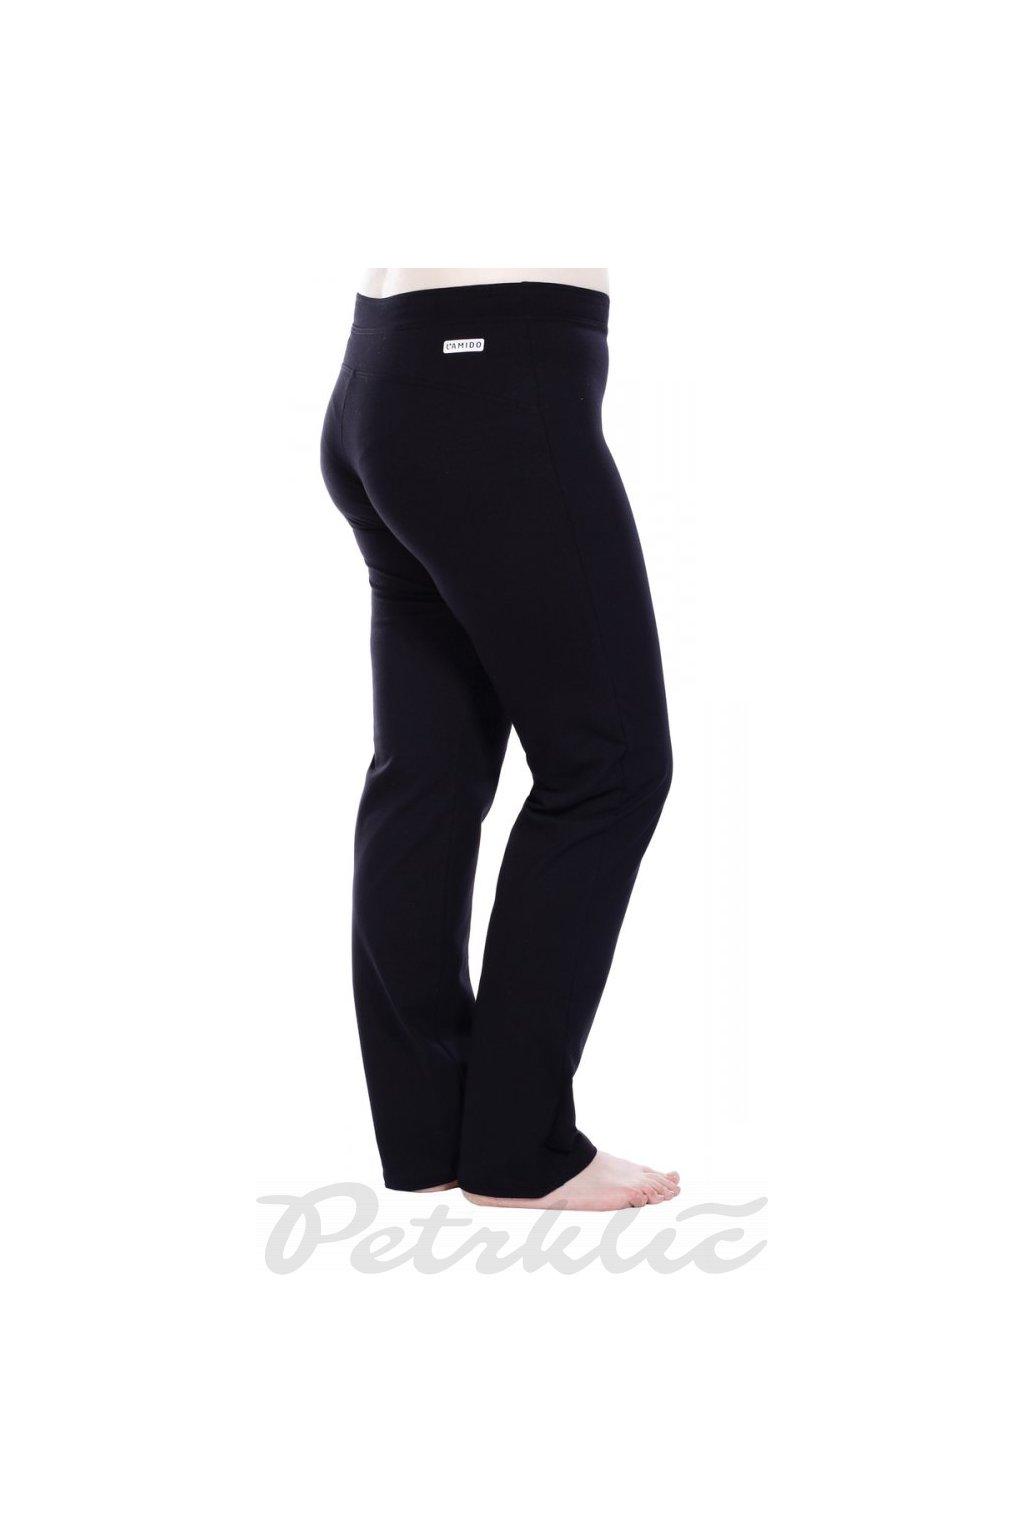 KARINA D - elastické kalhoty